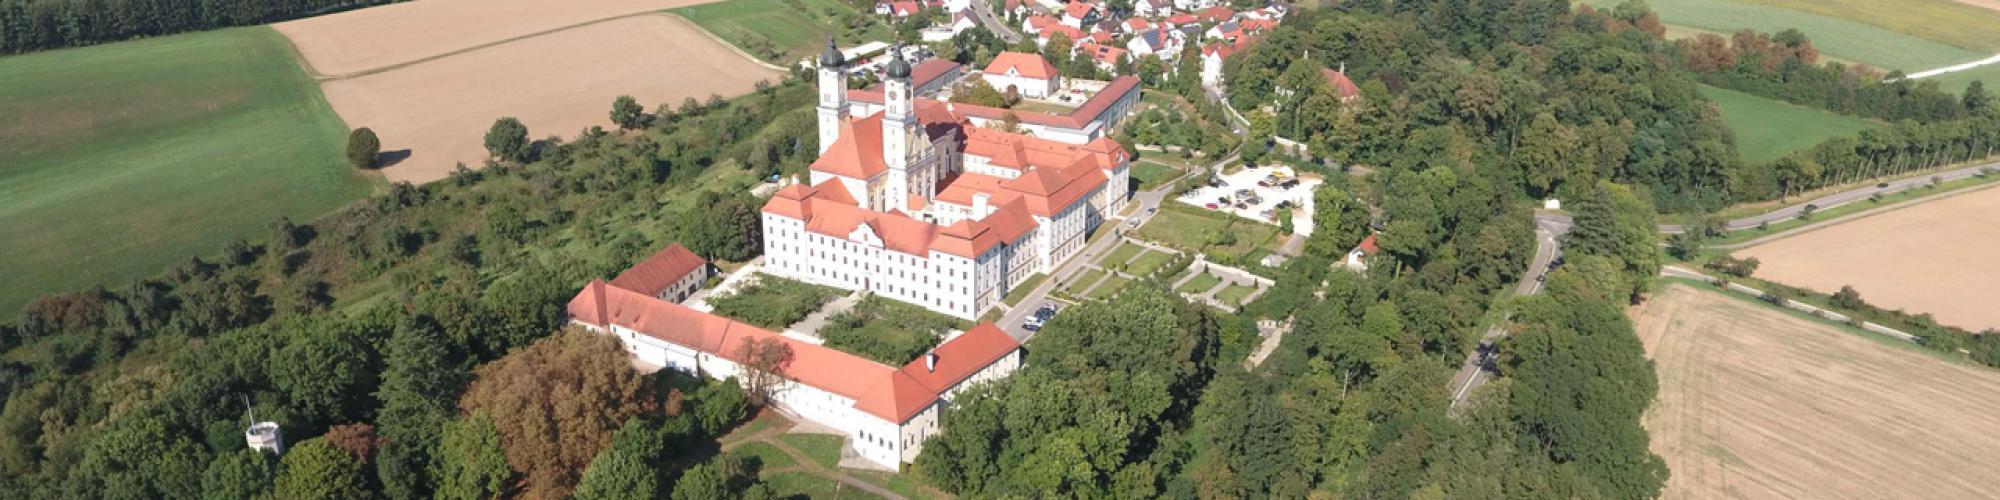 Klostergasthof Roggenburg – Gastronomie- und Dienstleistungsgesellschaft mbH